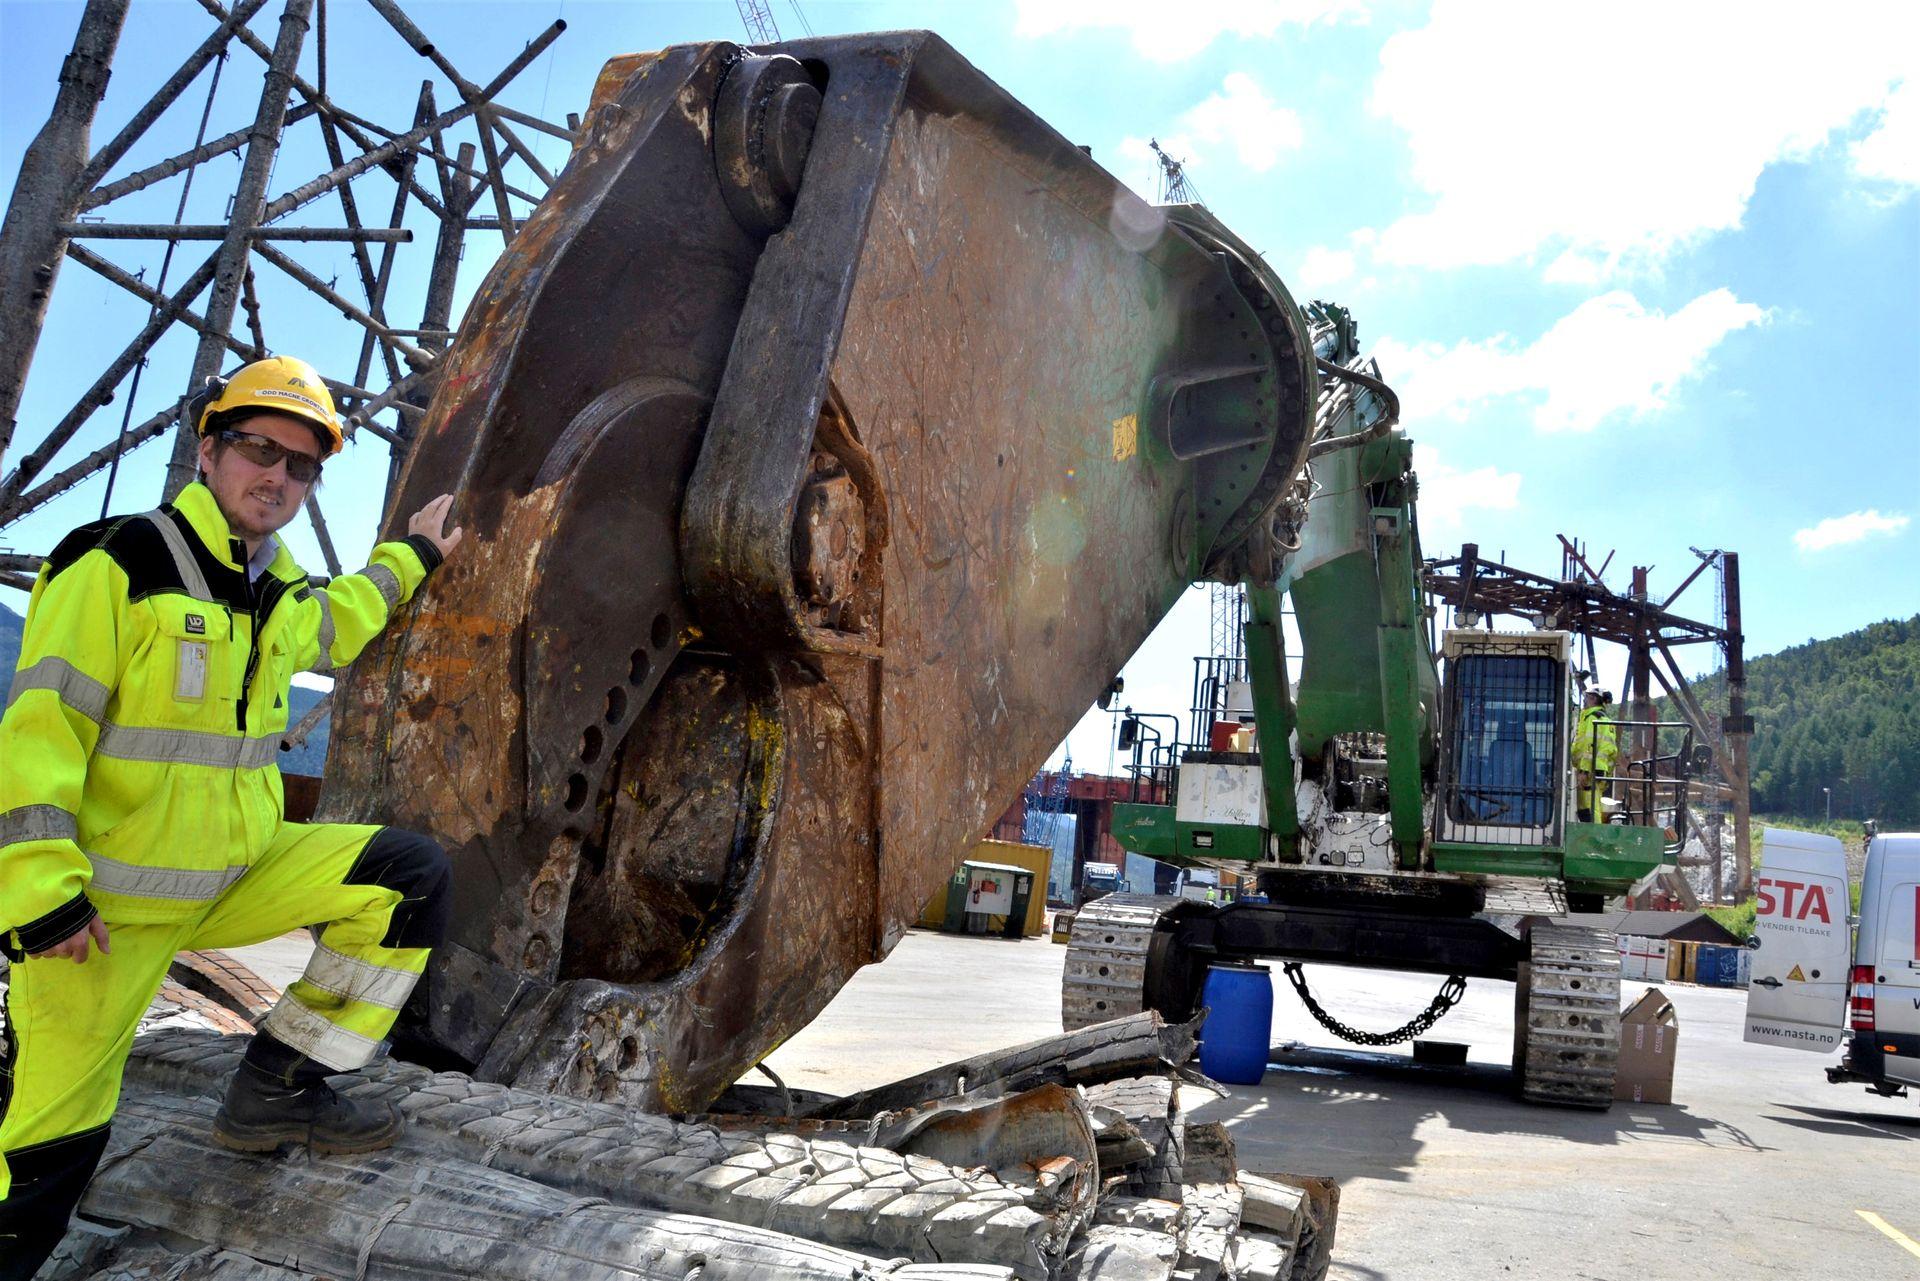 Kraftig saks: Ved basen i Vats kan prosjektdirektør Odd Magne Grøntvedt hos AF Offshore Decom vise fram denne gigantiske gravemaskinen som med sin hydrauliske saks kan klippe gjennom 40 millimeter tjukke stålplater. (Foto: Thomas Førde)